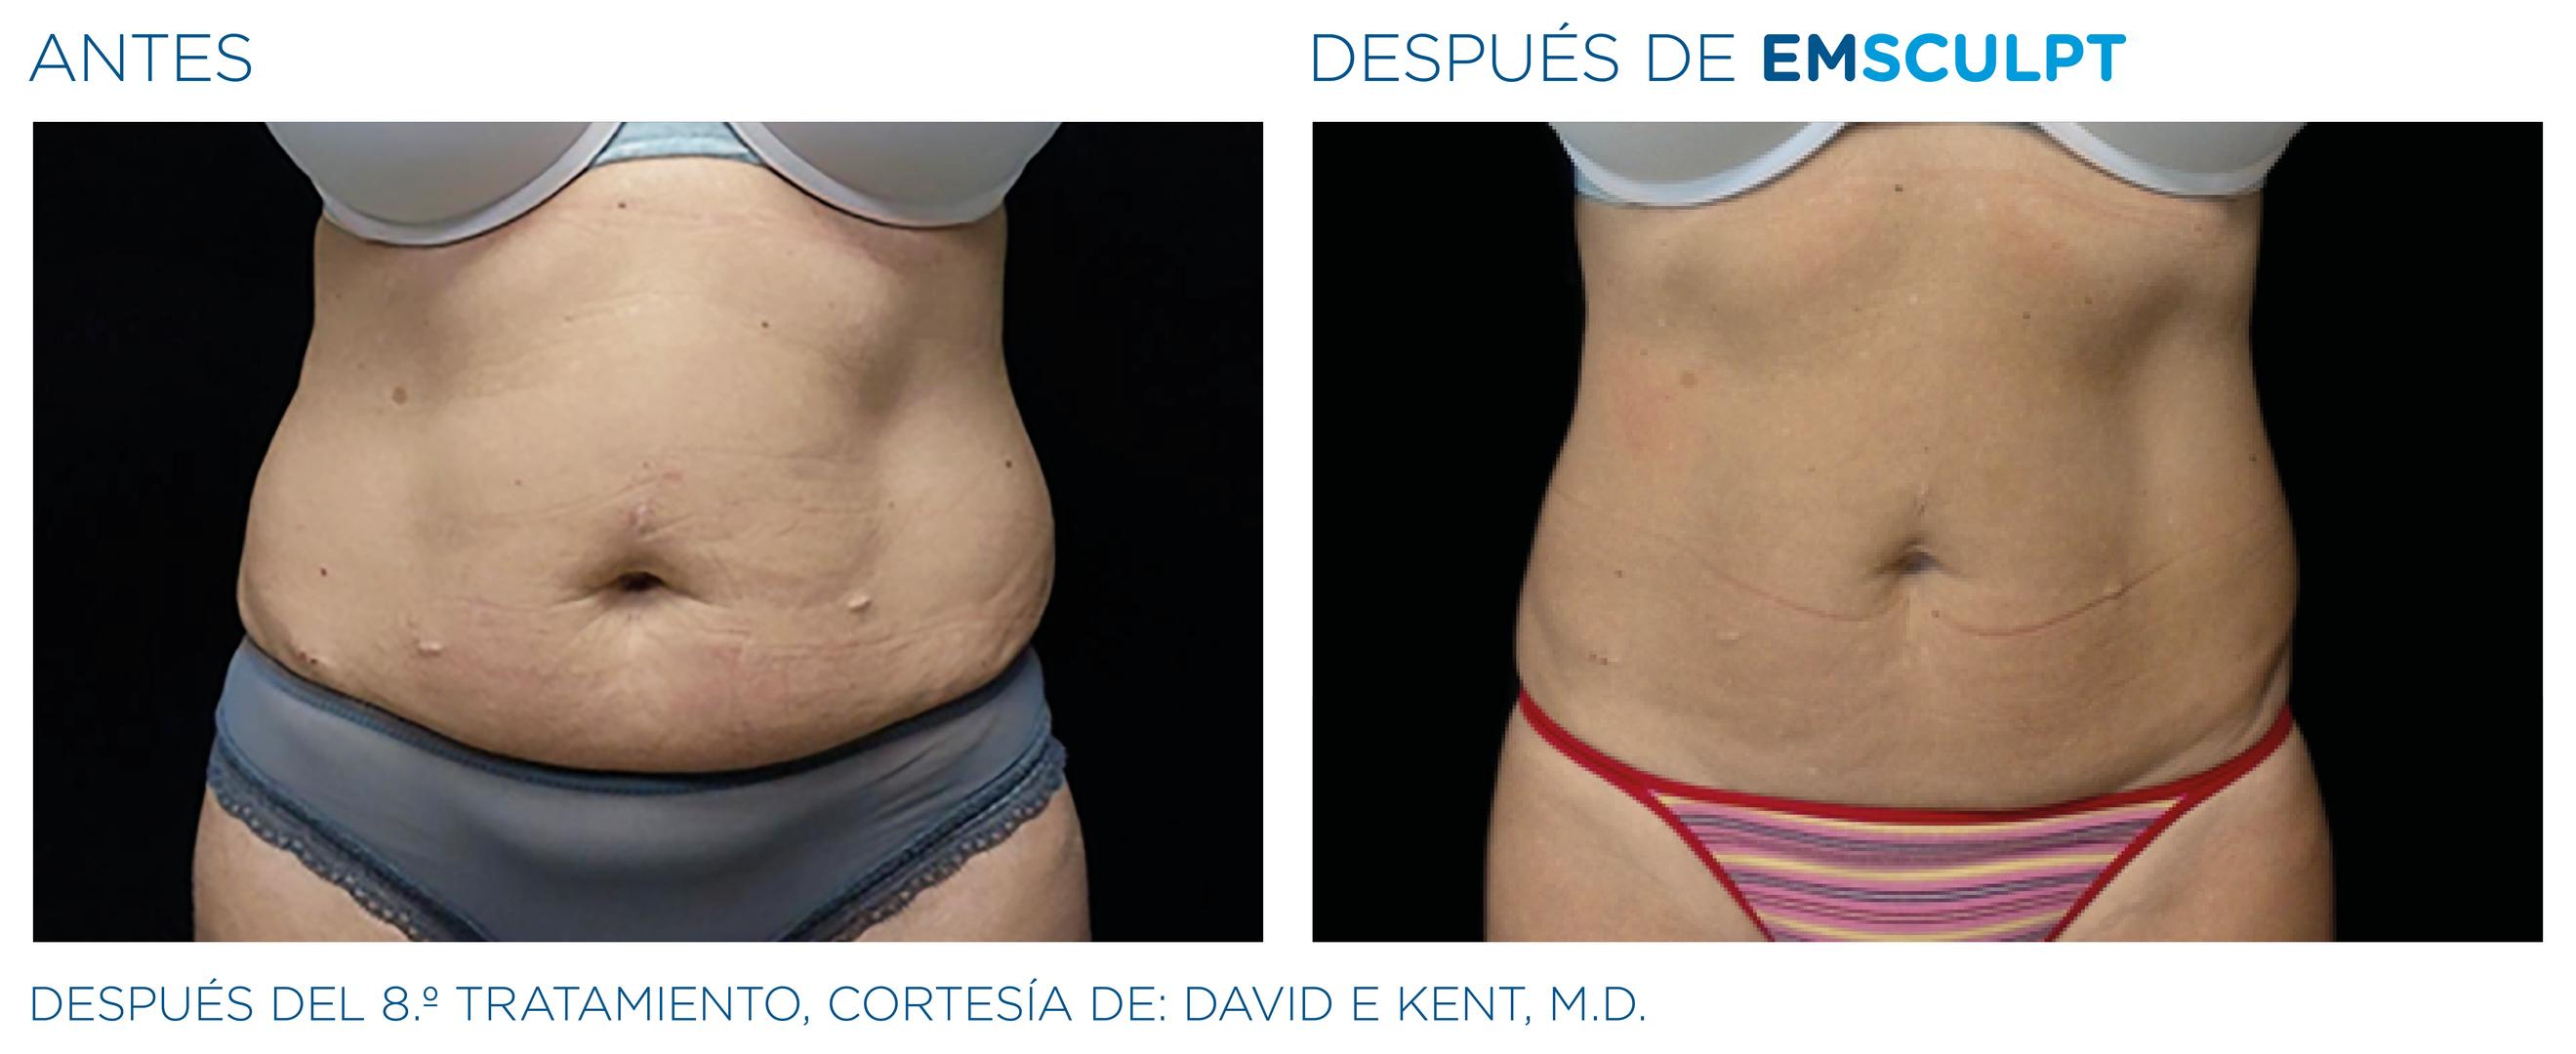 EMSculpt Resultado abdomen mujer 2